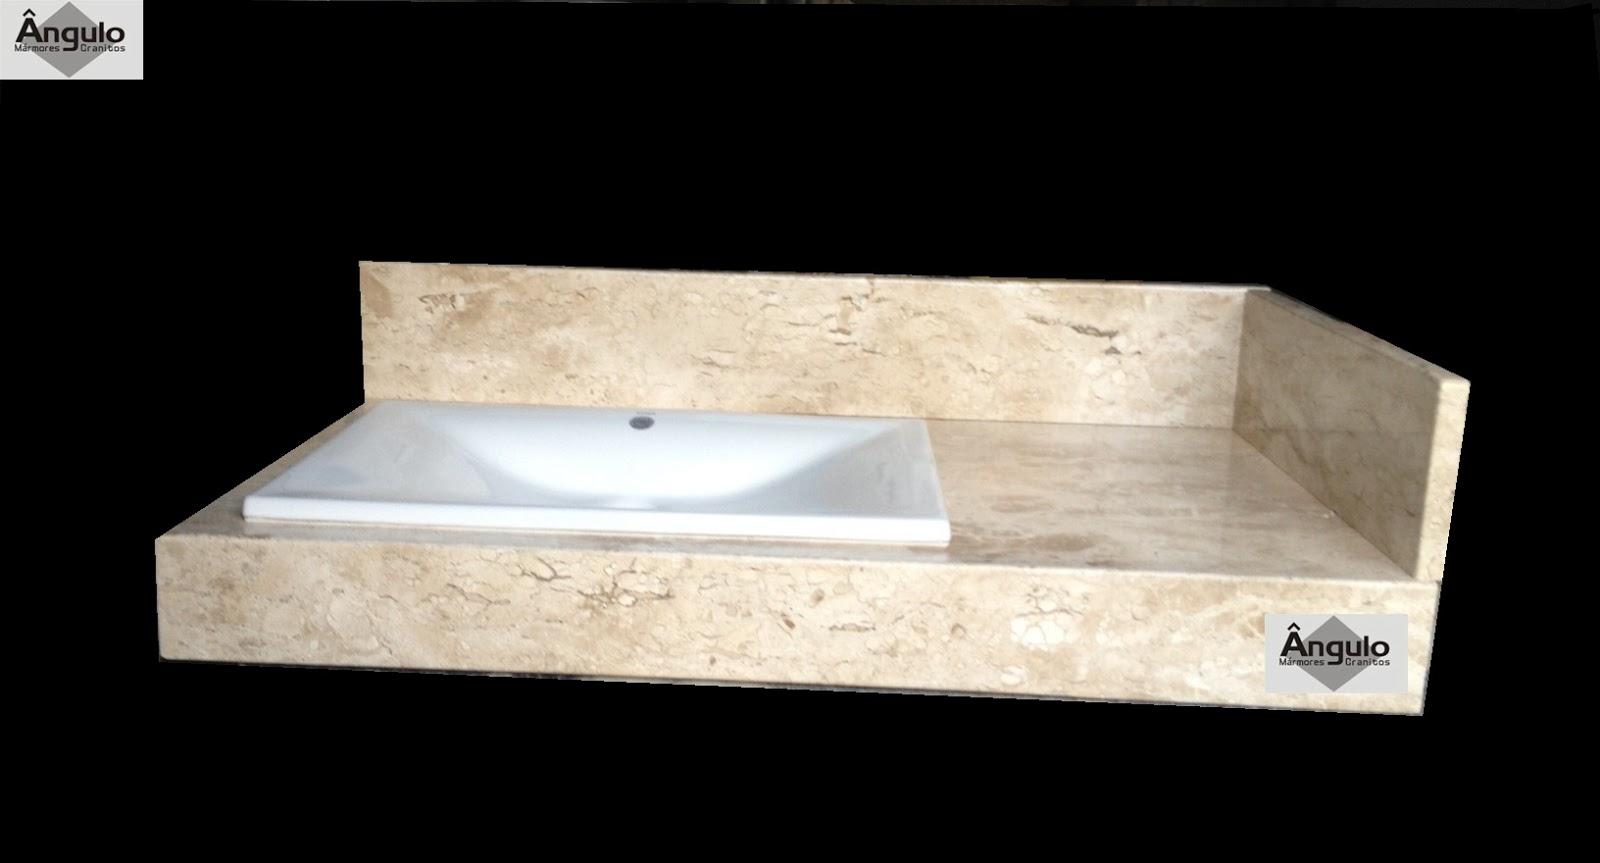 Ângulo Mármores e Granitos: Bancada Para Banheiro Bege Bahia #836F48 1600x863 Bancada De Banheiro Marmore Bege Bahia